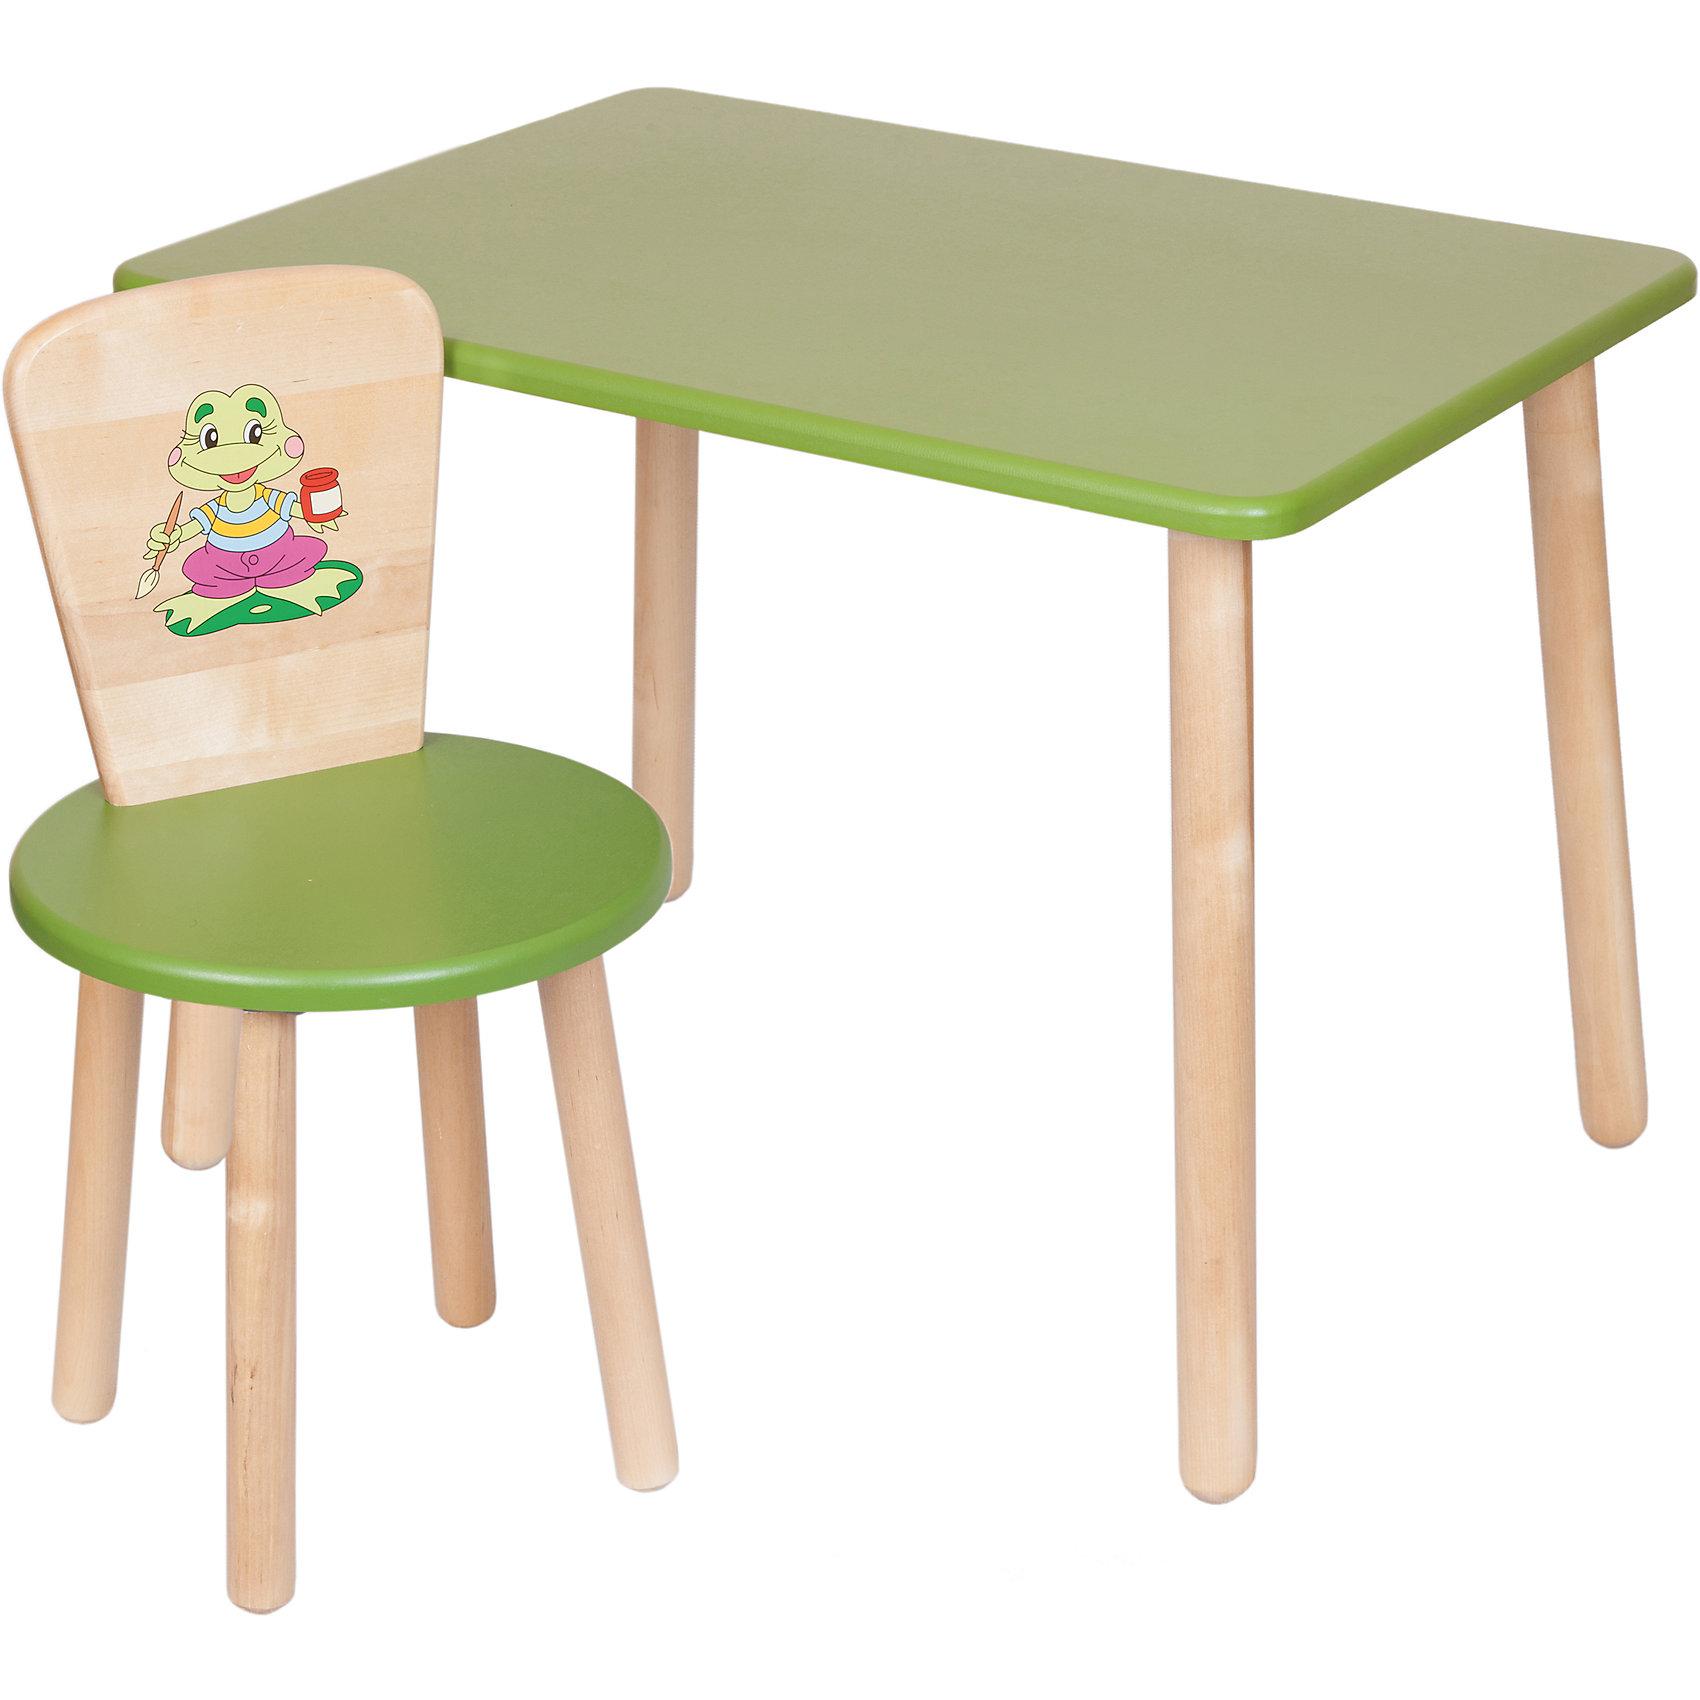 Набор мебели Эко № 1, зеленыйМебель<br>Набор мебели Эко от известного производителя Русэкомебель - практичный и красивый комплект, состоящий из стола и стула. Яркая мебель прекрасно впишется в интерьер детской и обязательно понравится вашему ребенку. Стул и стол не имеют острых углов, которые могут травмировать малышей. Гладкая поверхность столешницы и сиденья позволяет легко устранять любые загрязнения. Стол прямоугольной формы идеально подойдет для занятий, игр и творчества. Набор выполнен из высококачественных материалов, раскрашен безопасными, экологичными и нетоксичными красителями. <br><br>Дополнительная информация:<br><br>- Комплектация: стол, стул.<br>- Материал: дерево (береза), МДФ.<br>- Не имеет острых углов. <br>- Размер столешницы: 45x60 см. <br>- Высота стола: 52 см.<br>- Диаметр стула: 31 см. <br>- Высота стула: 57 см.<br>- Высота стула (от пола до сиденья): 32 см.<br><br>Набор мебели Эко № 1, зеленый, можно купить в нашем магазине.<br><br>Ширина мм: 730<br>Глубина мм: 530<br>Высота мм: 140<br>Вес г: 8400<br>Возраст от месяцев: 24<br>Возраст до месяцев: 84<br>Пол: Унисекс<br>Возраст: Детский<br>SKU: 4756476